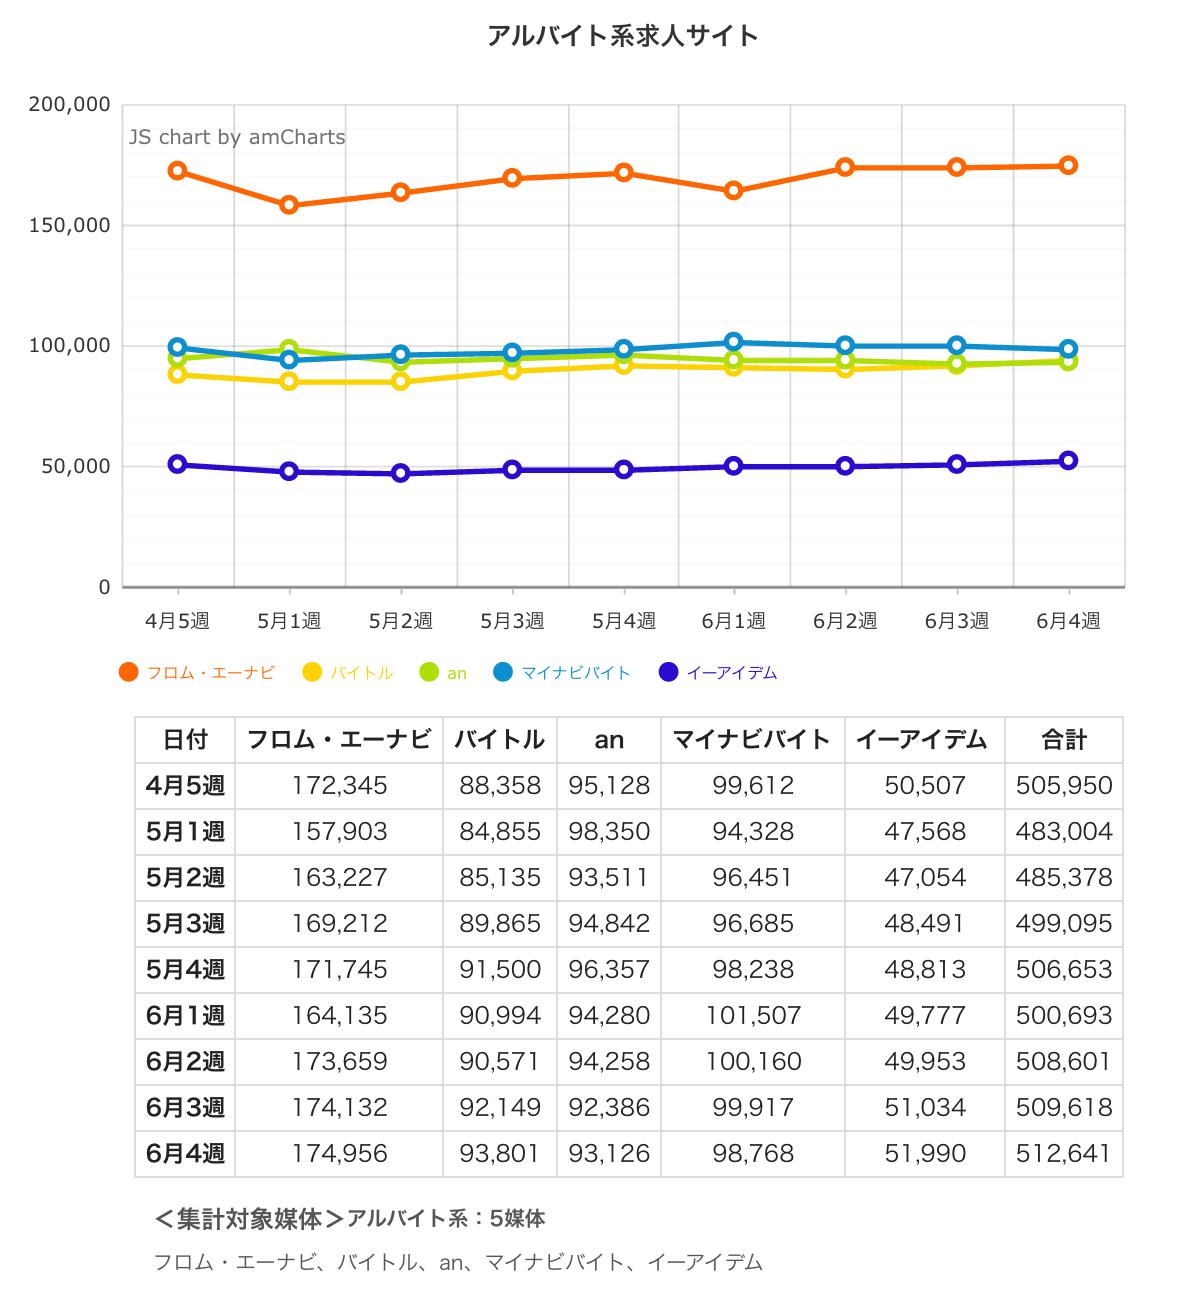 ウィークリー求人サイト掲載件数速報 2015年6月4週